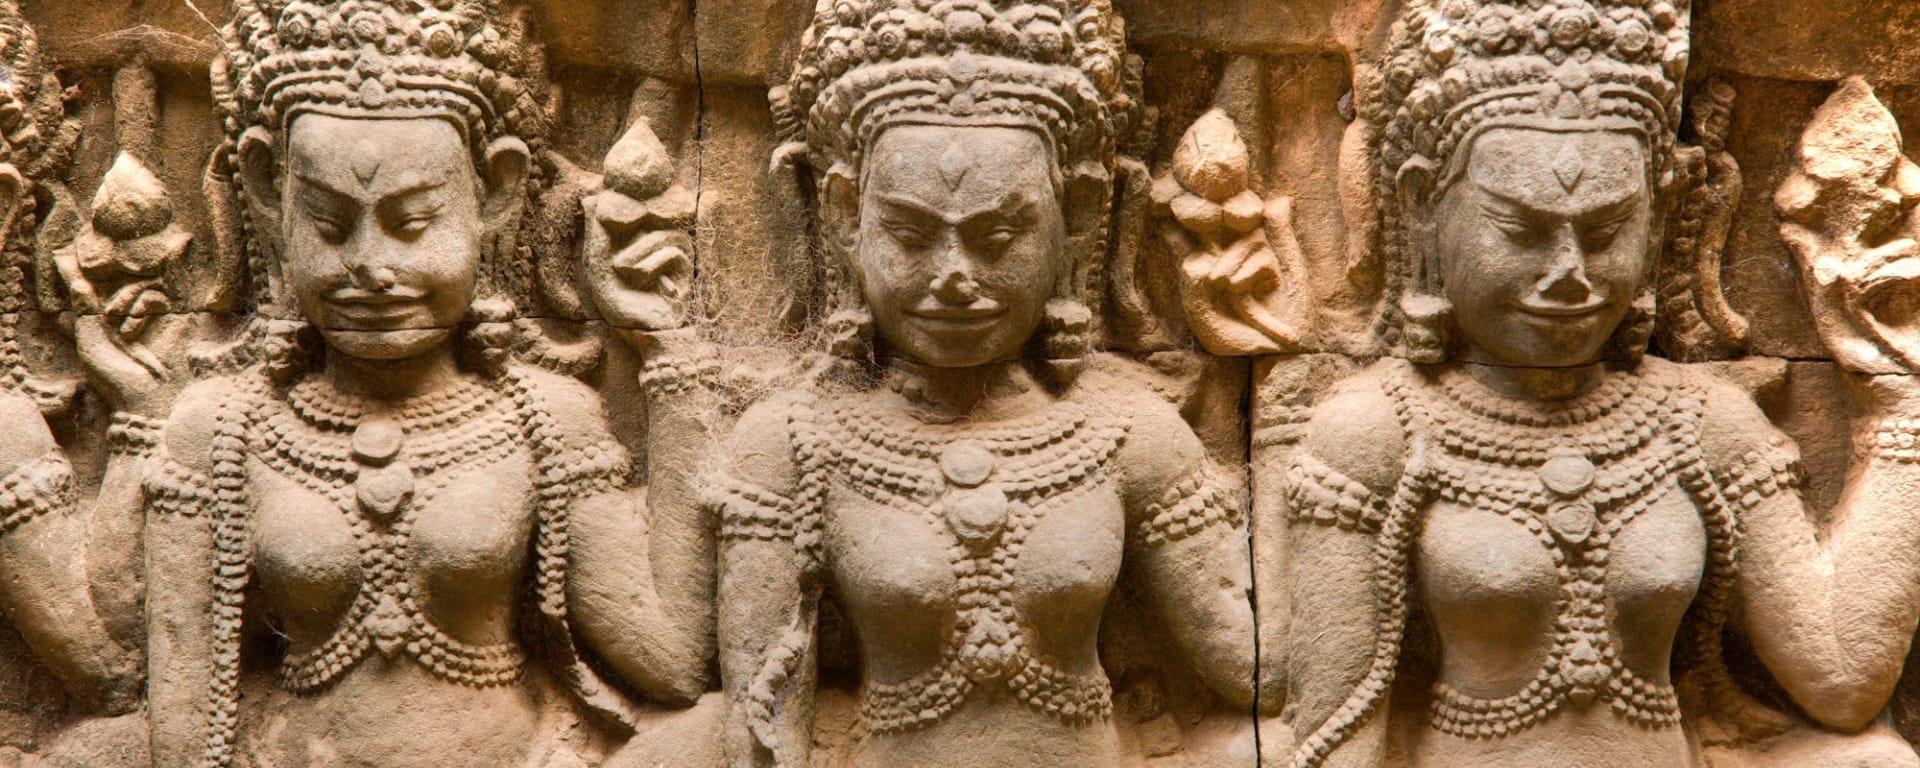 Voyage d'Angkor à Saigon de Siem Reap: Siem Reap Elephant Terrace Apsaras